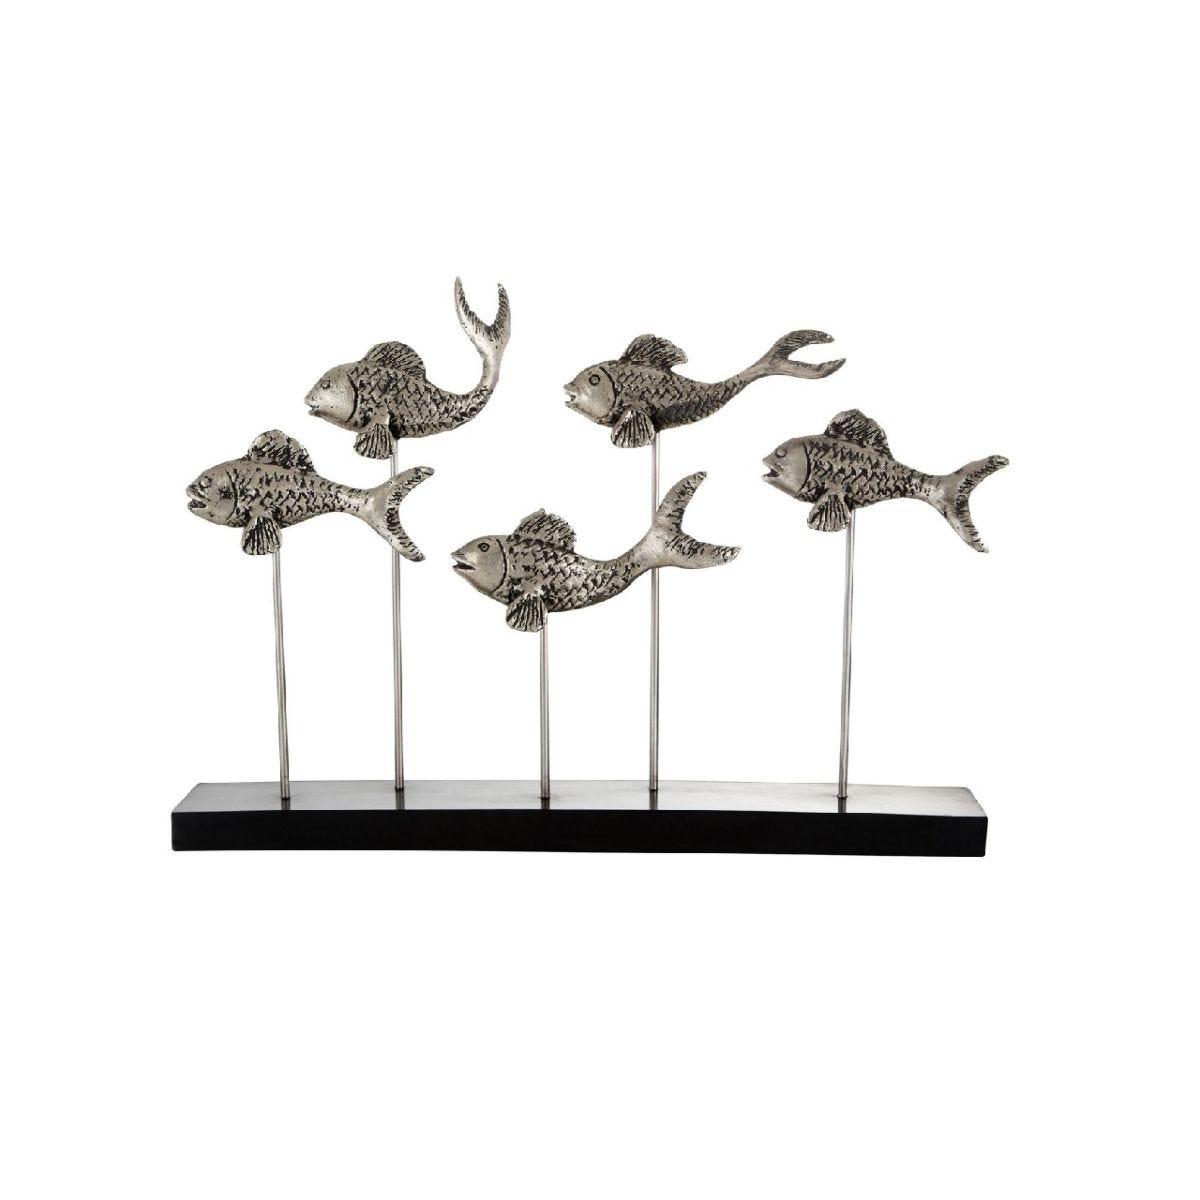 Premier Housewares Fish School Sculpture - Silver/Black